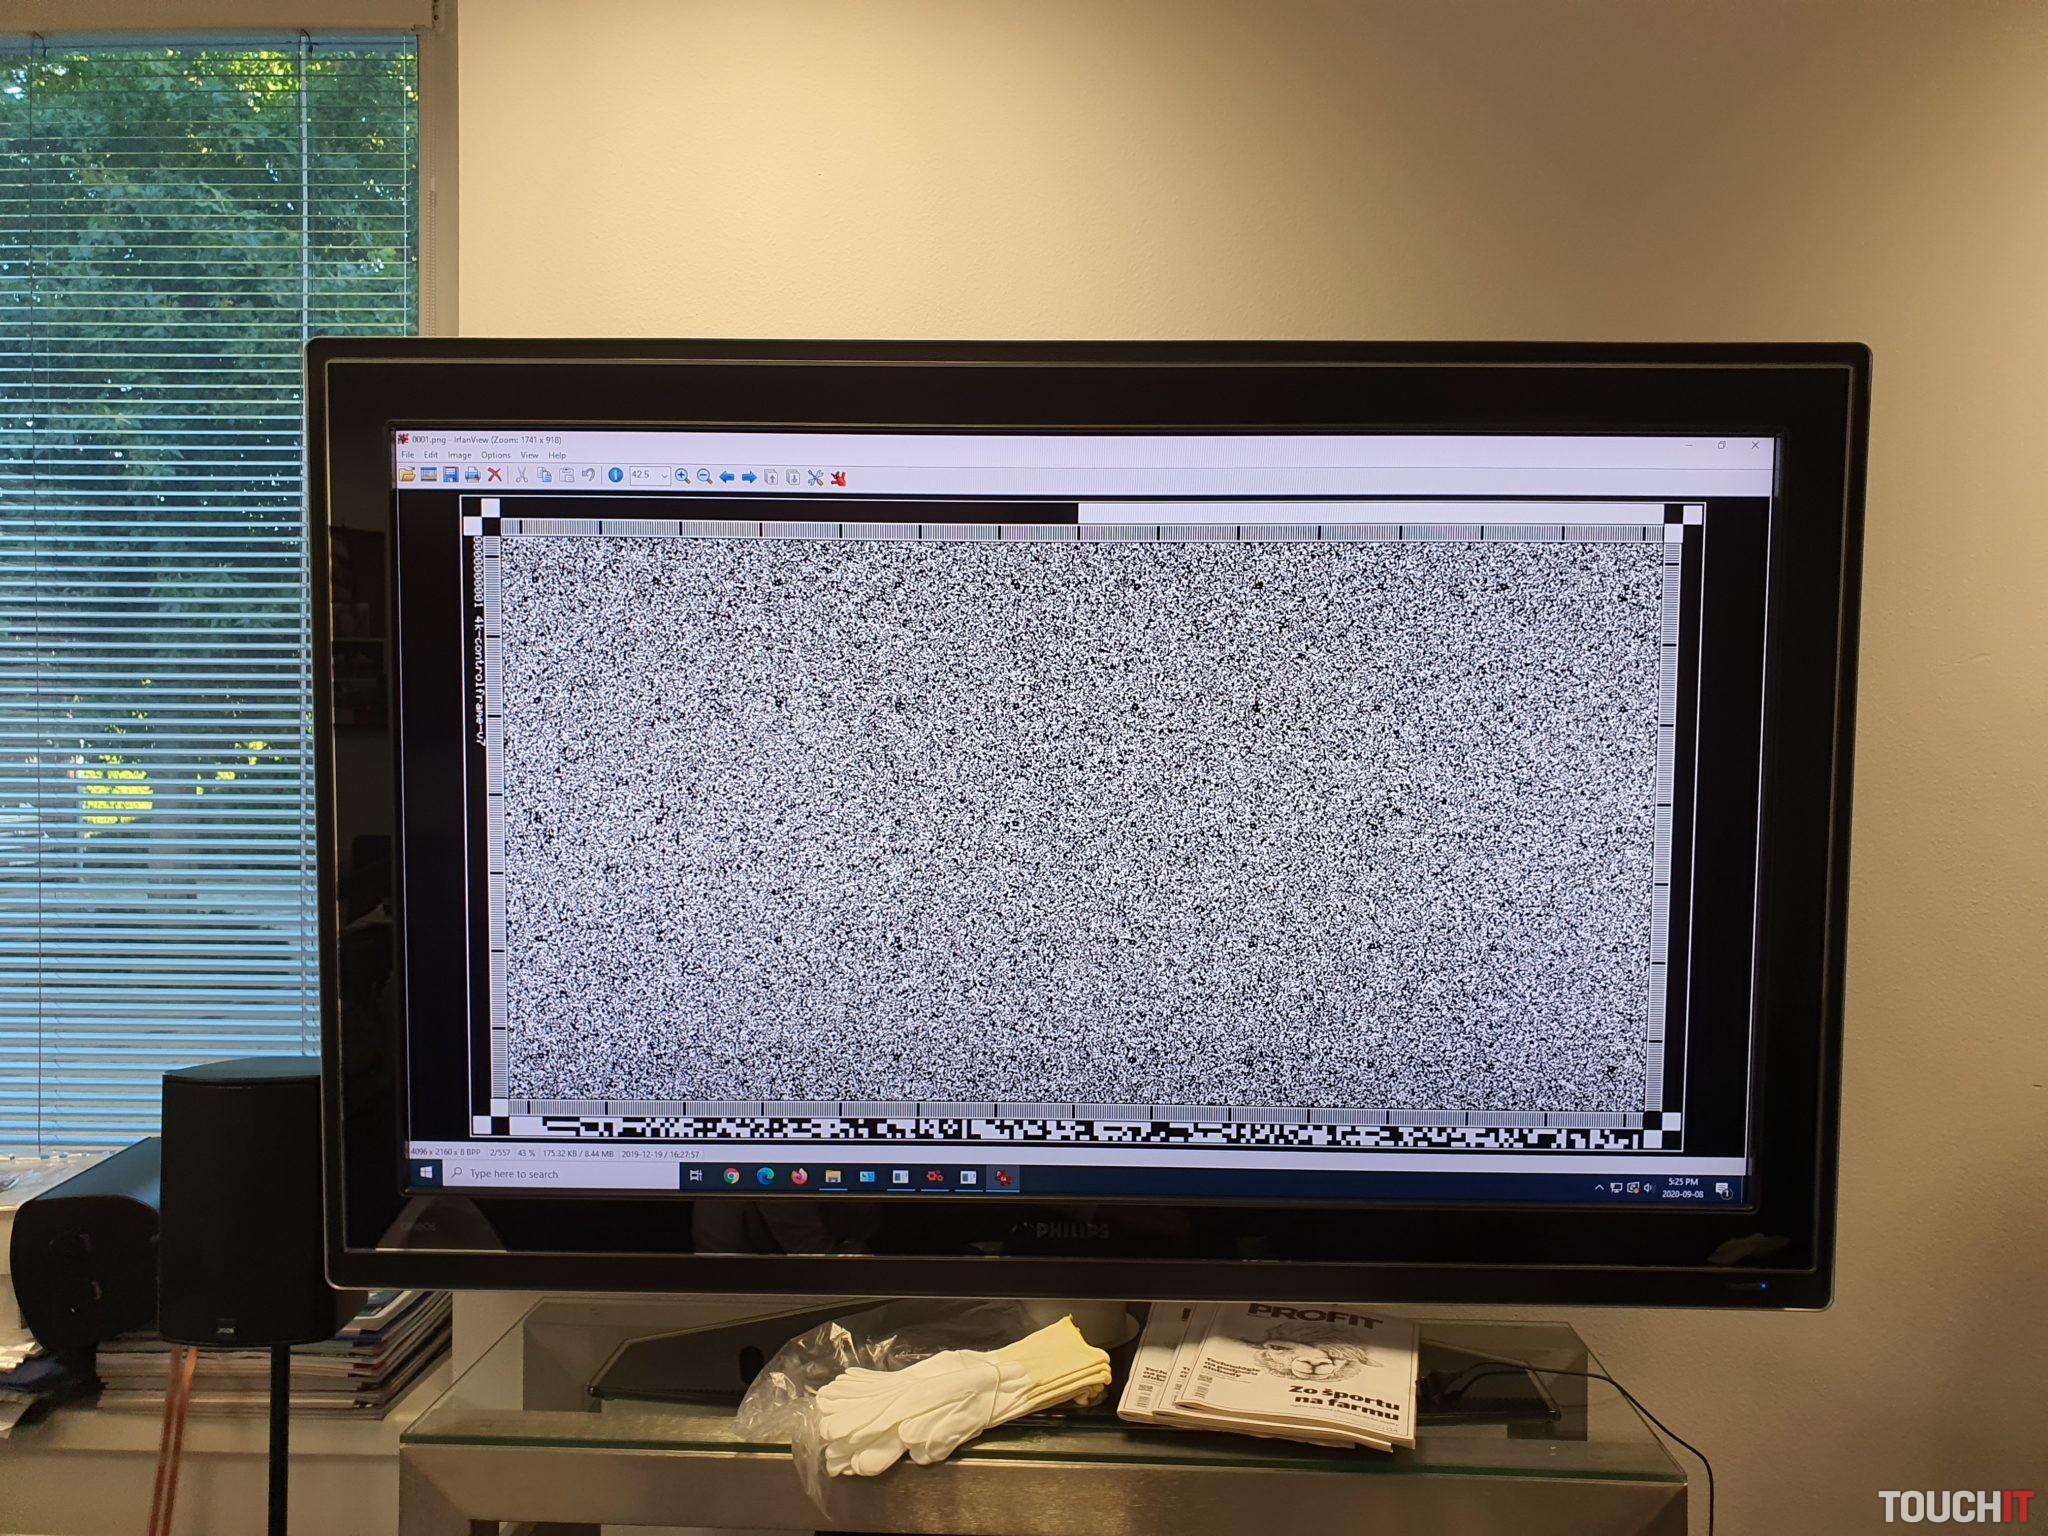 Spôsob ako sa zobrazia dáta pri zosnímaní kinofilmu